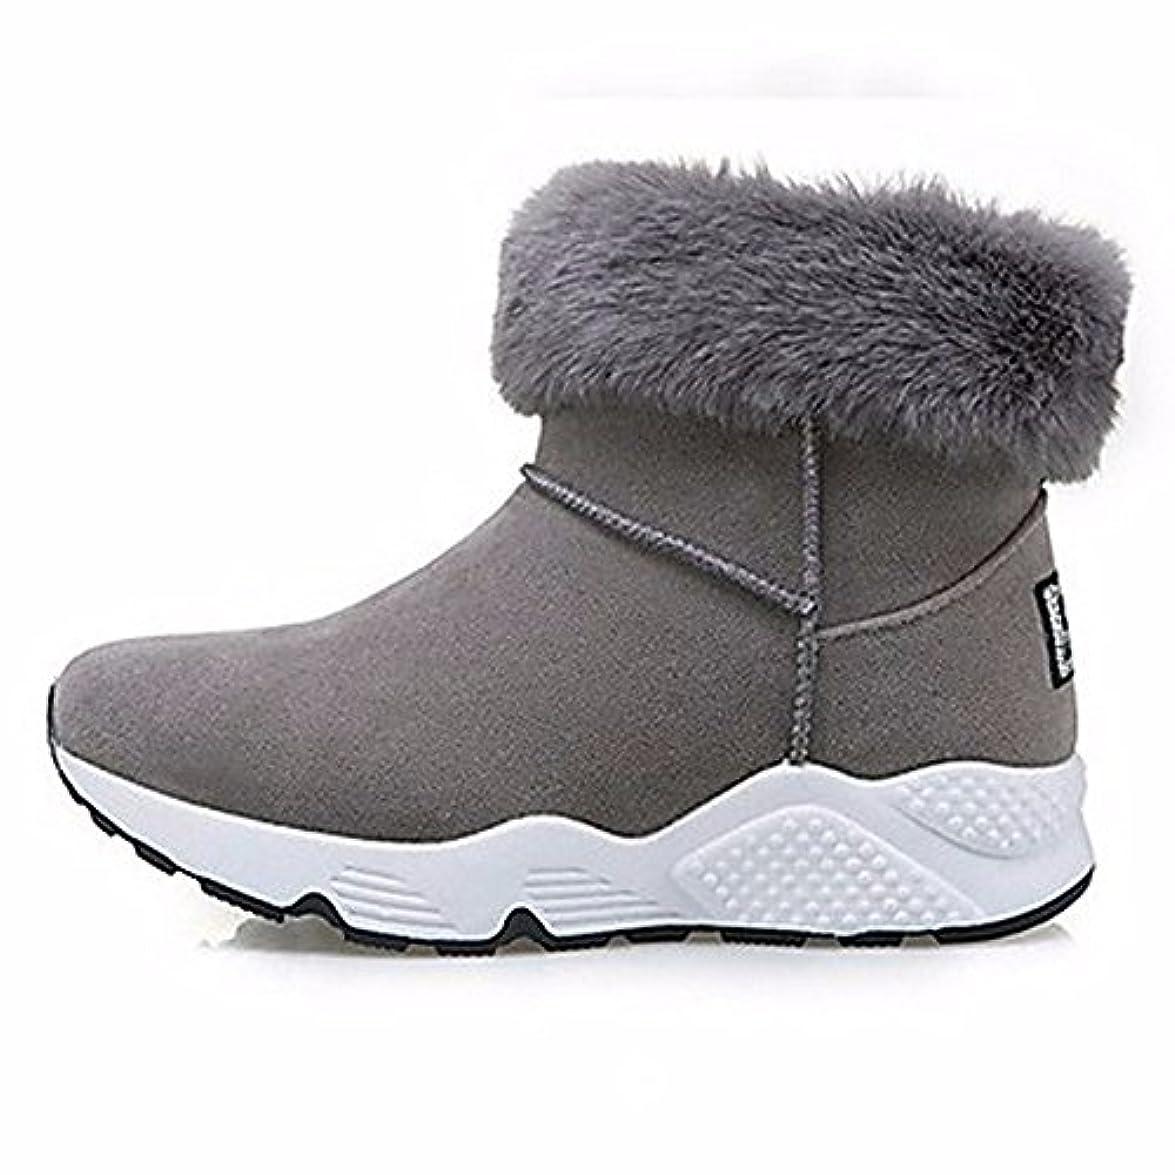 grigio Tacco Per Autunno Toe Grigio Piatto Snow Eu39 Cn39 Giunto Stivali Scarpe Uk6 Boots Us8 Rotondo Casual Nero Split Donna Zhudj